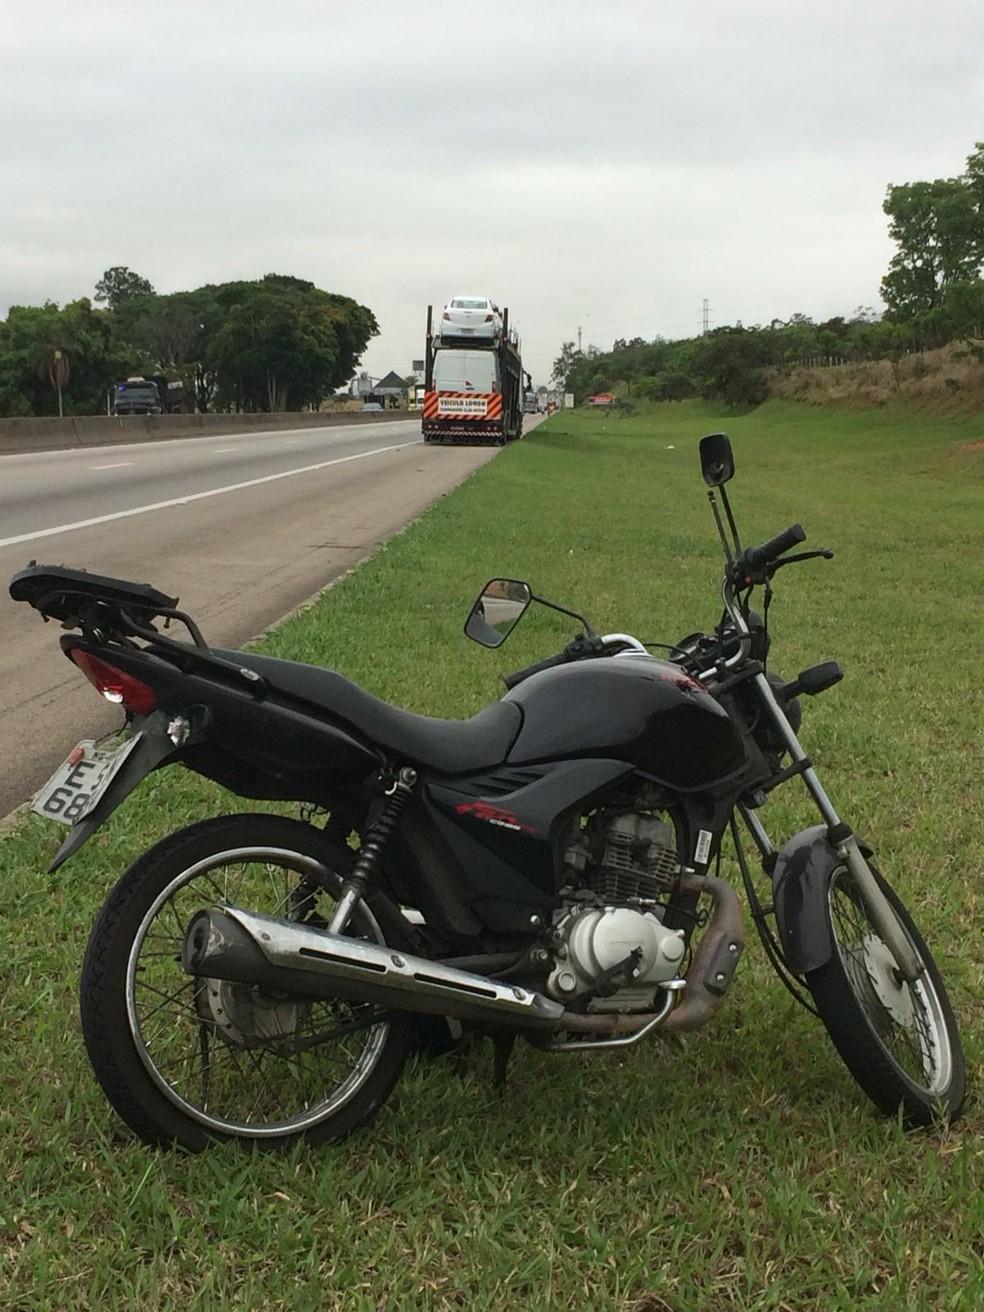 Motociclista se envolveu em acidente com caminhão na Dutra — Foto: Peterson Grecco/TV Vanguarda